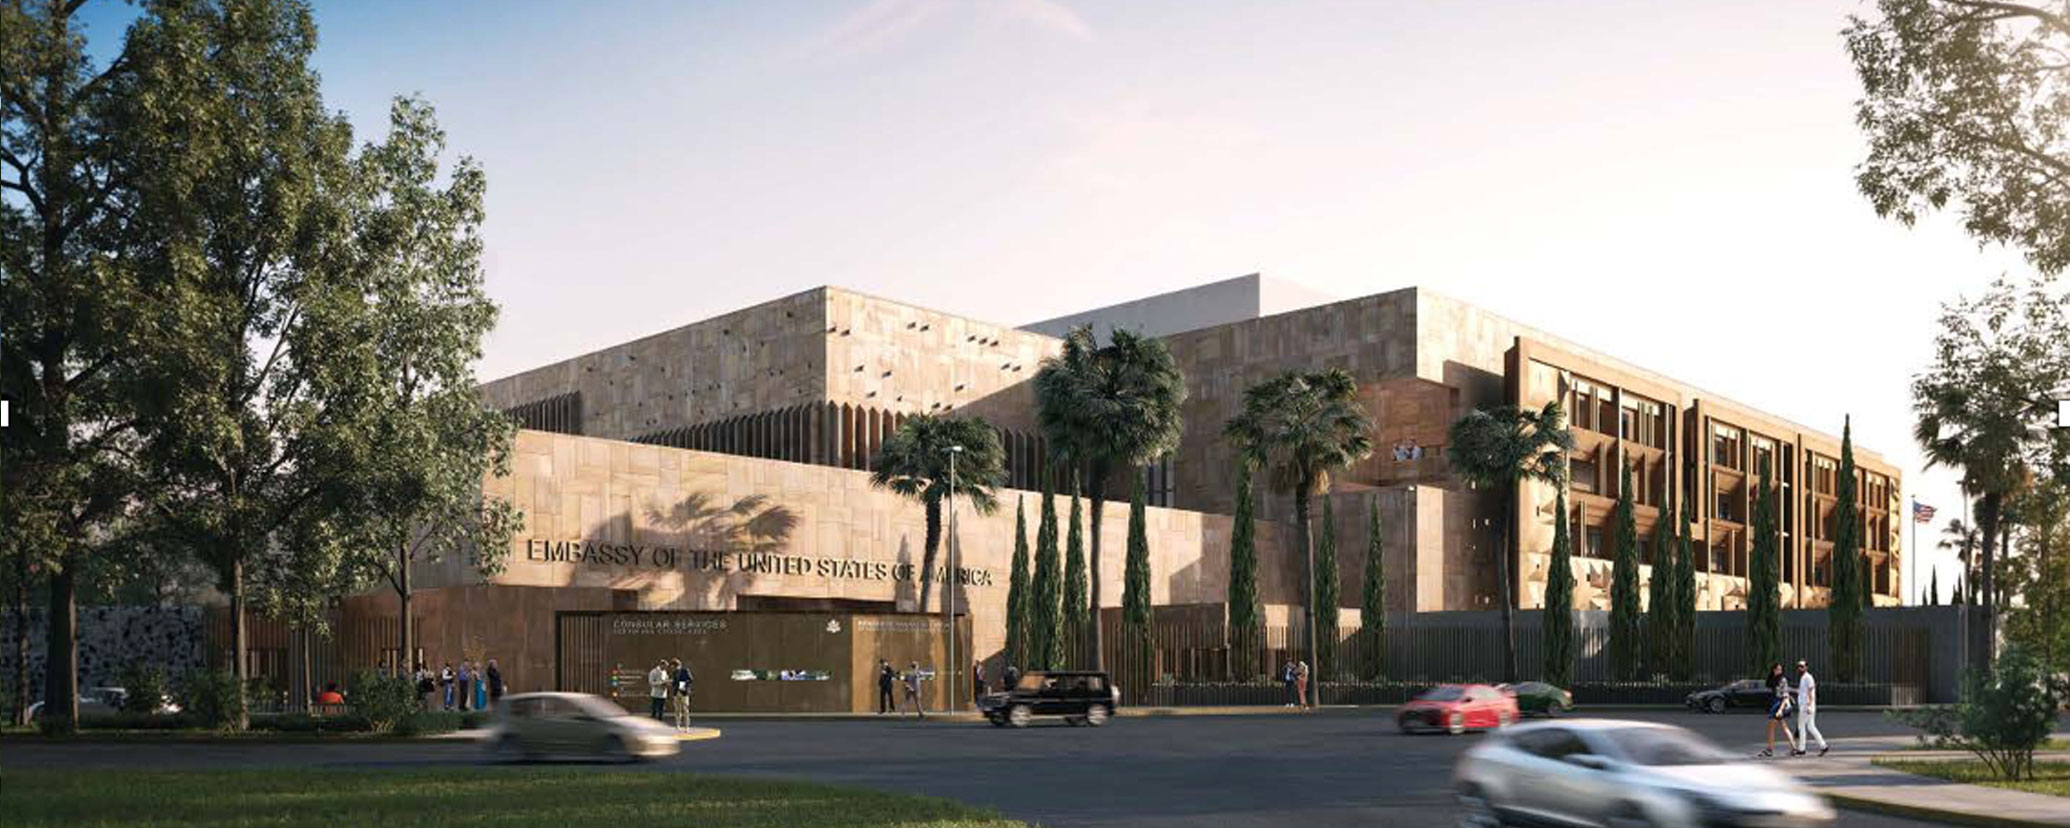 U S Embassy Mexico City Mexico Caddell Construction Co